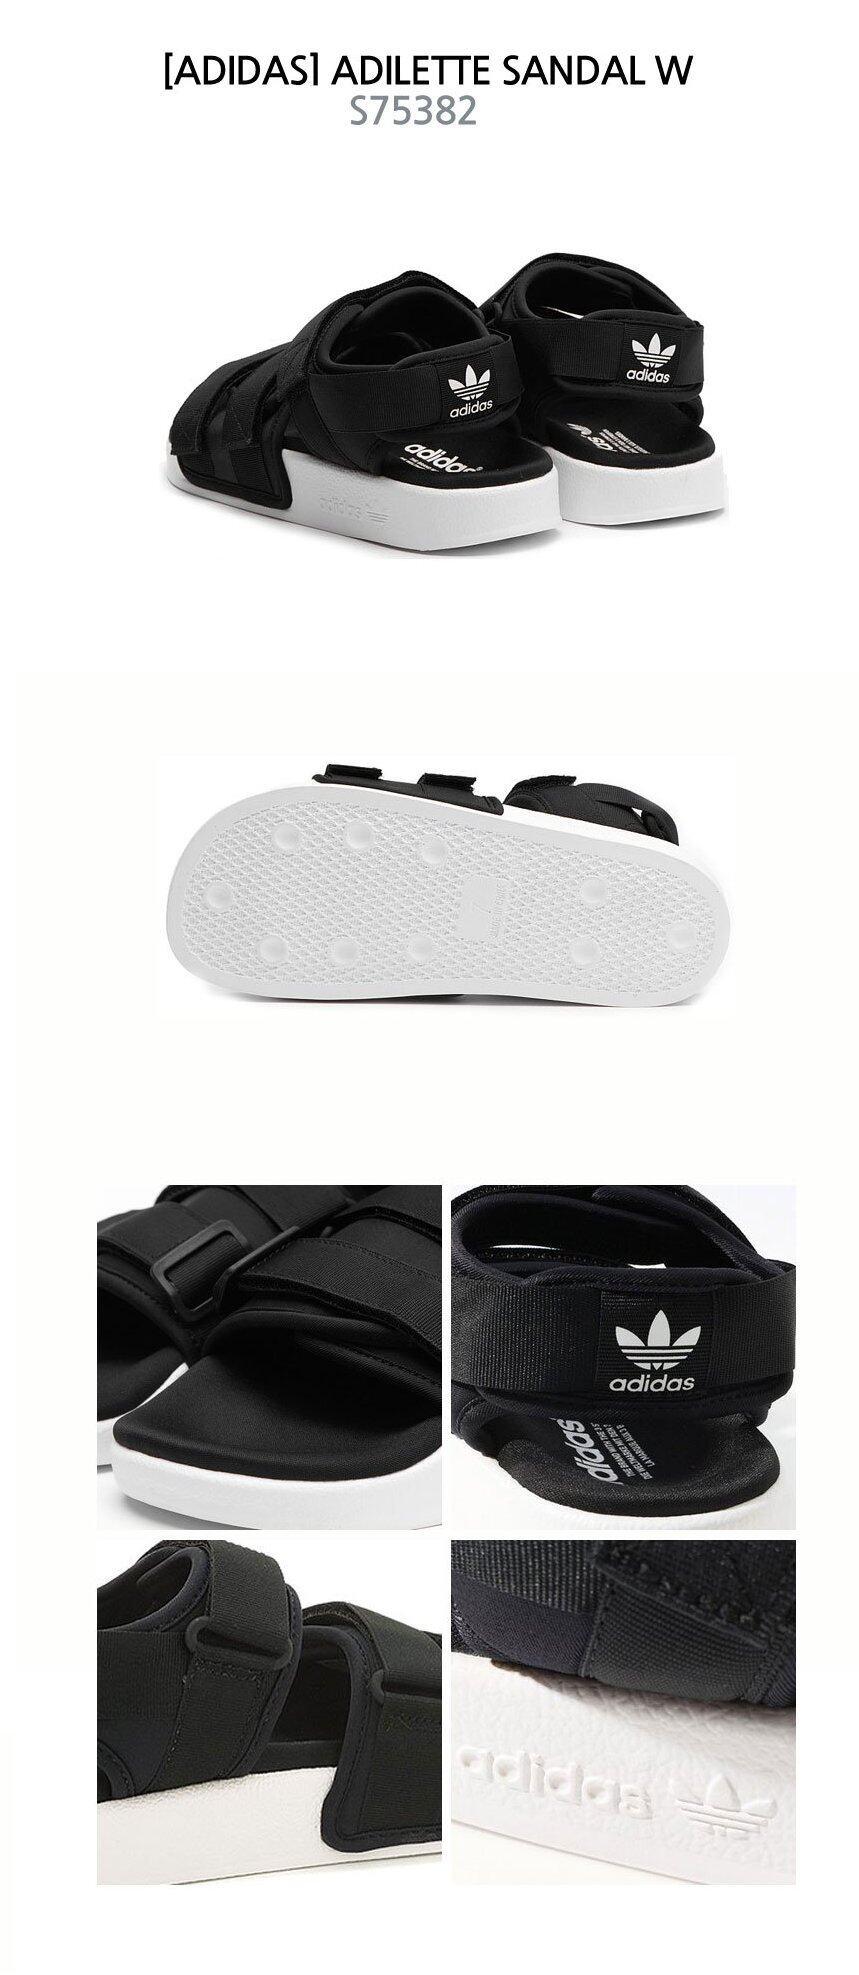 81af2ba3f Product details of Adidas Originals Adilette Sandal W S75382 Black   White